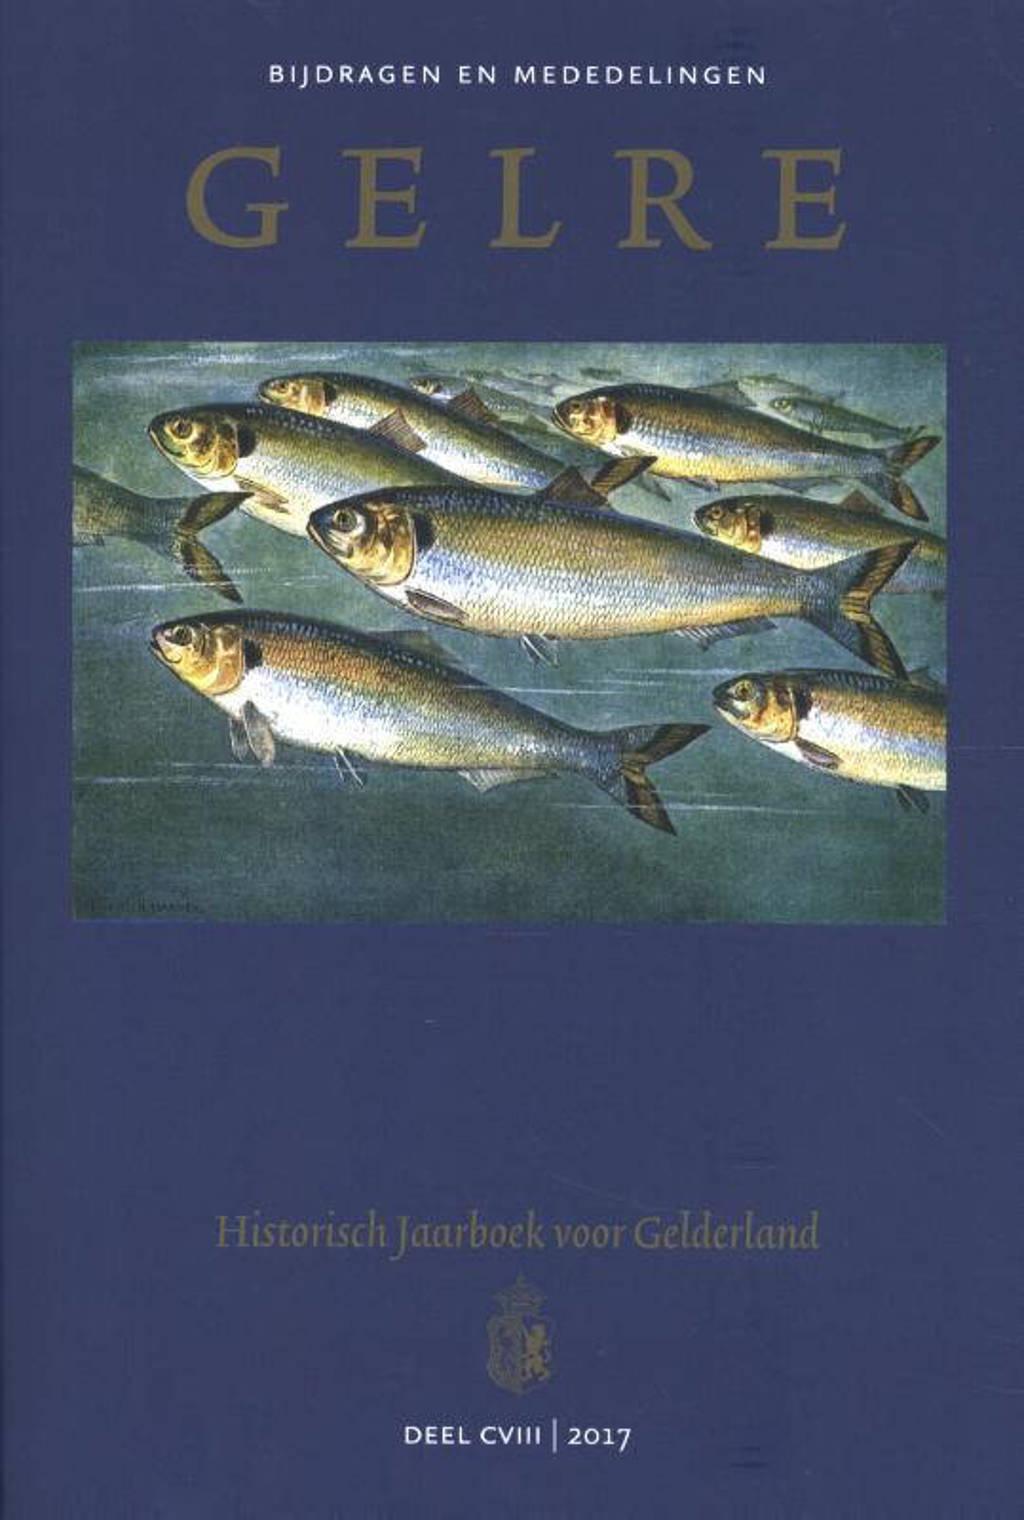 Historisch jaarboek voor Gelderland: Bijdragen en mededelingen Vereniging Gelre